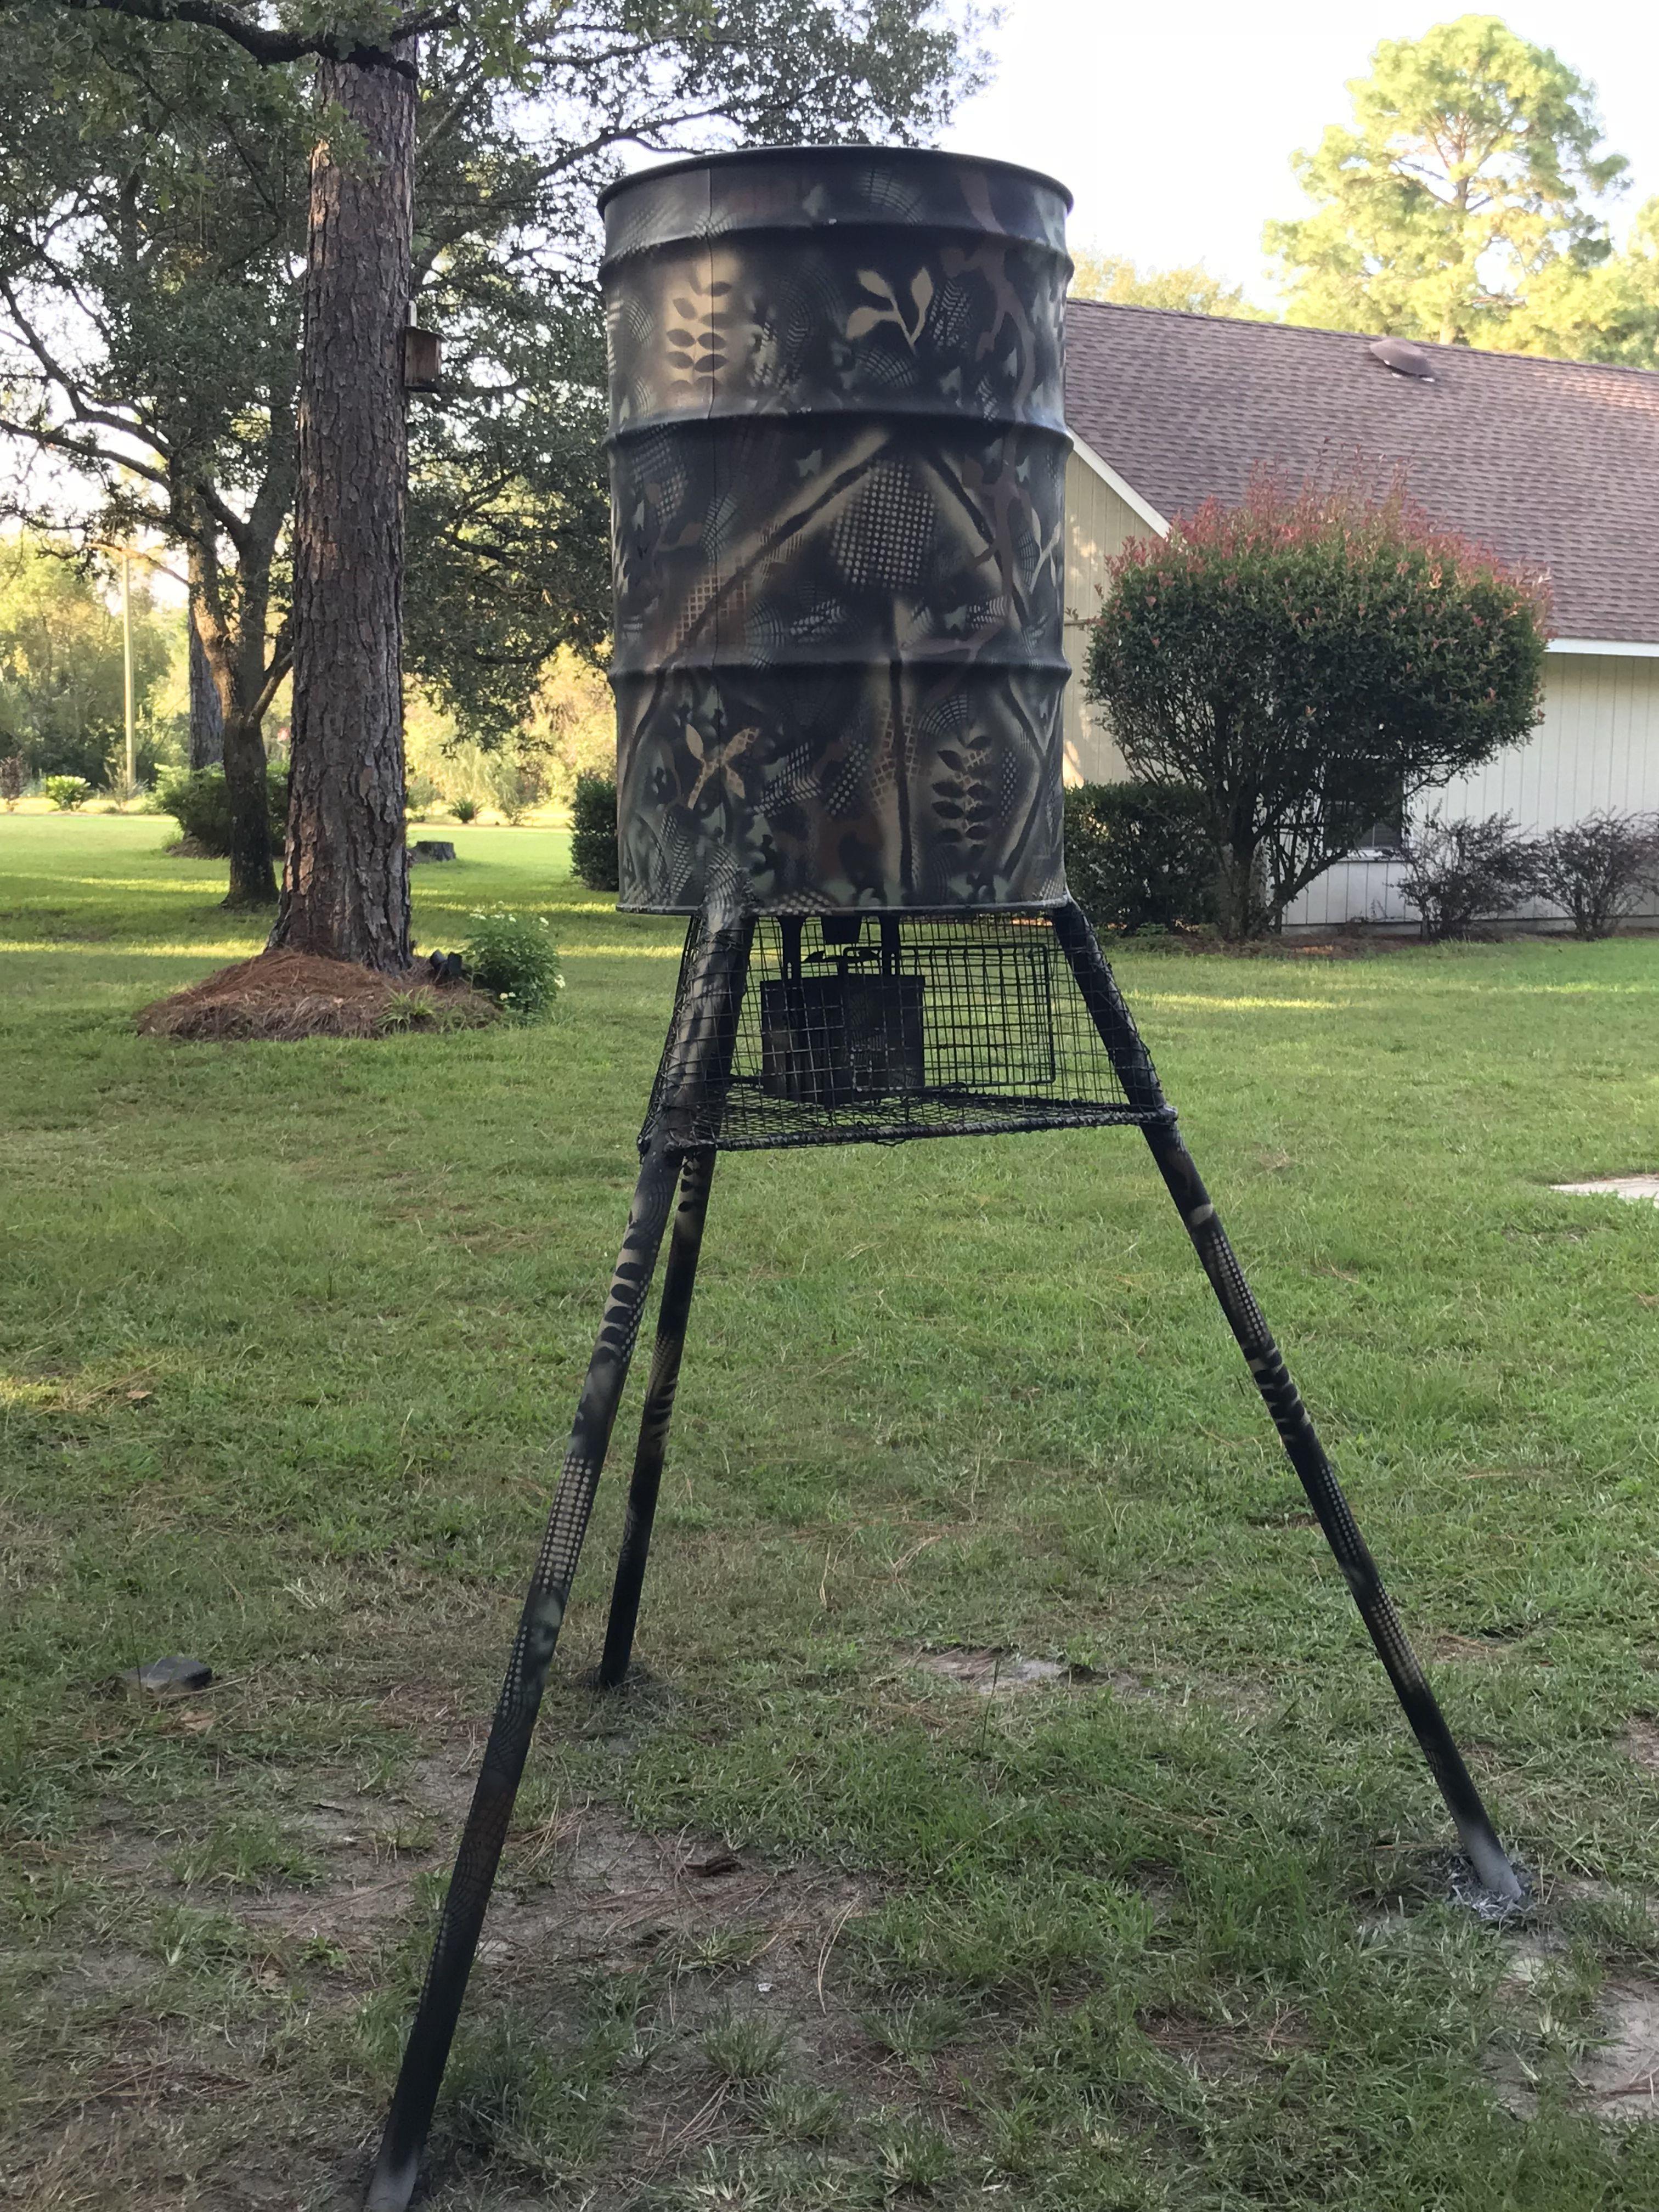 Wild game feeder, 50gal drum automatic deer feeder. Deer